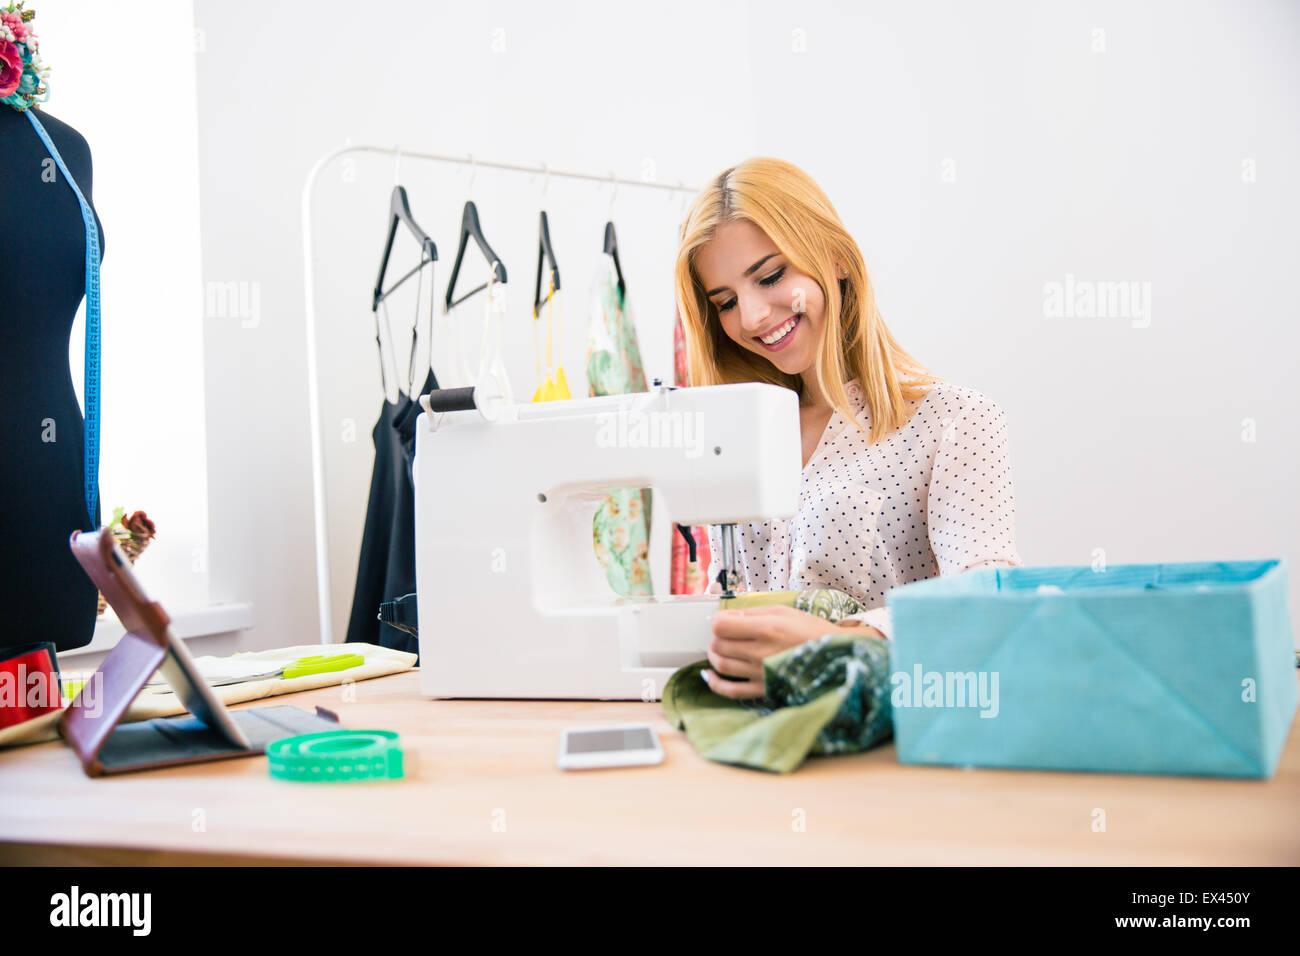 Glücklich Frau Schneider mit Nähmaschine in Wäscherei Stockbild